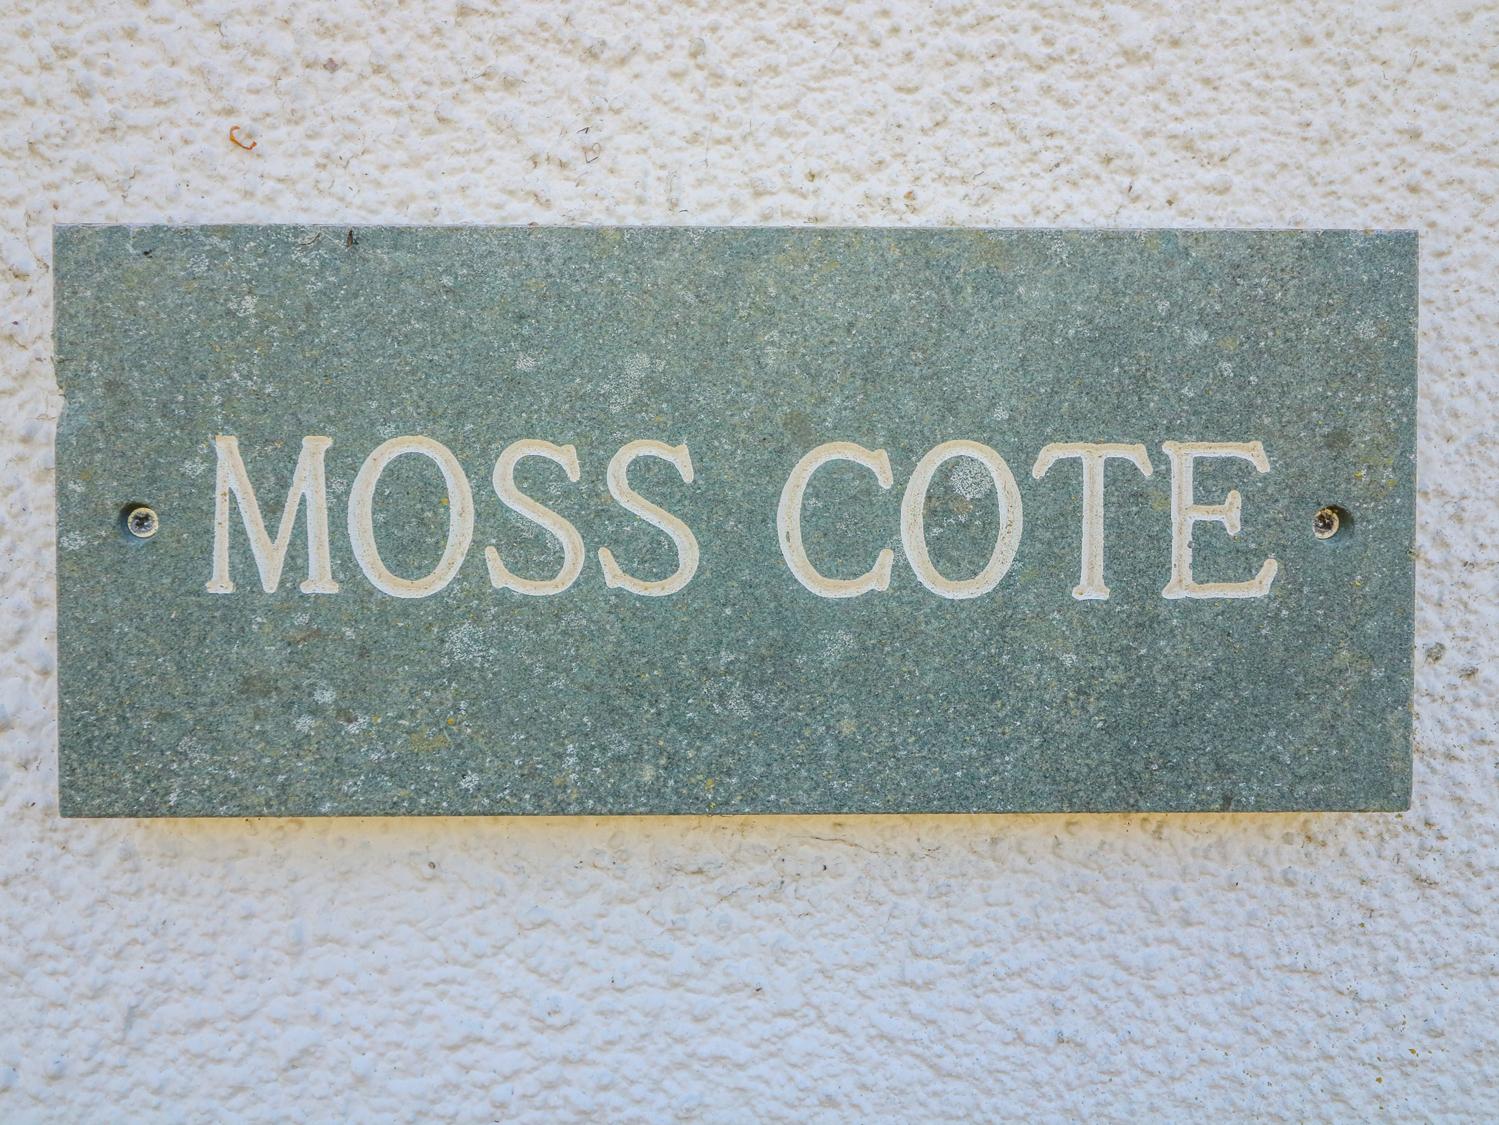 Moss Cote